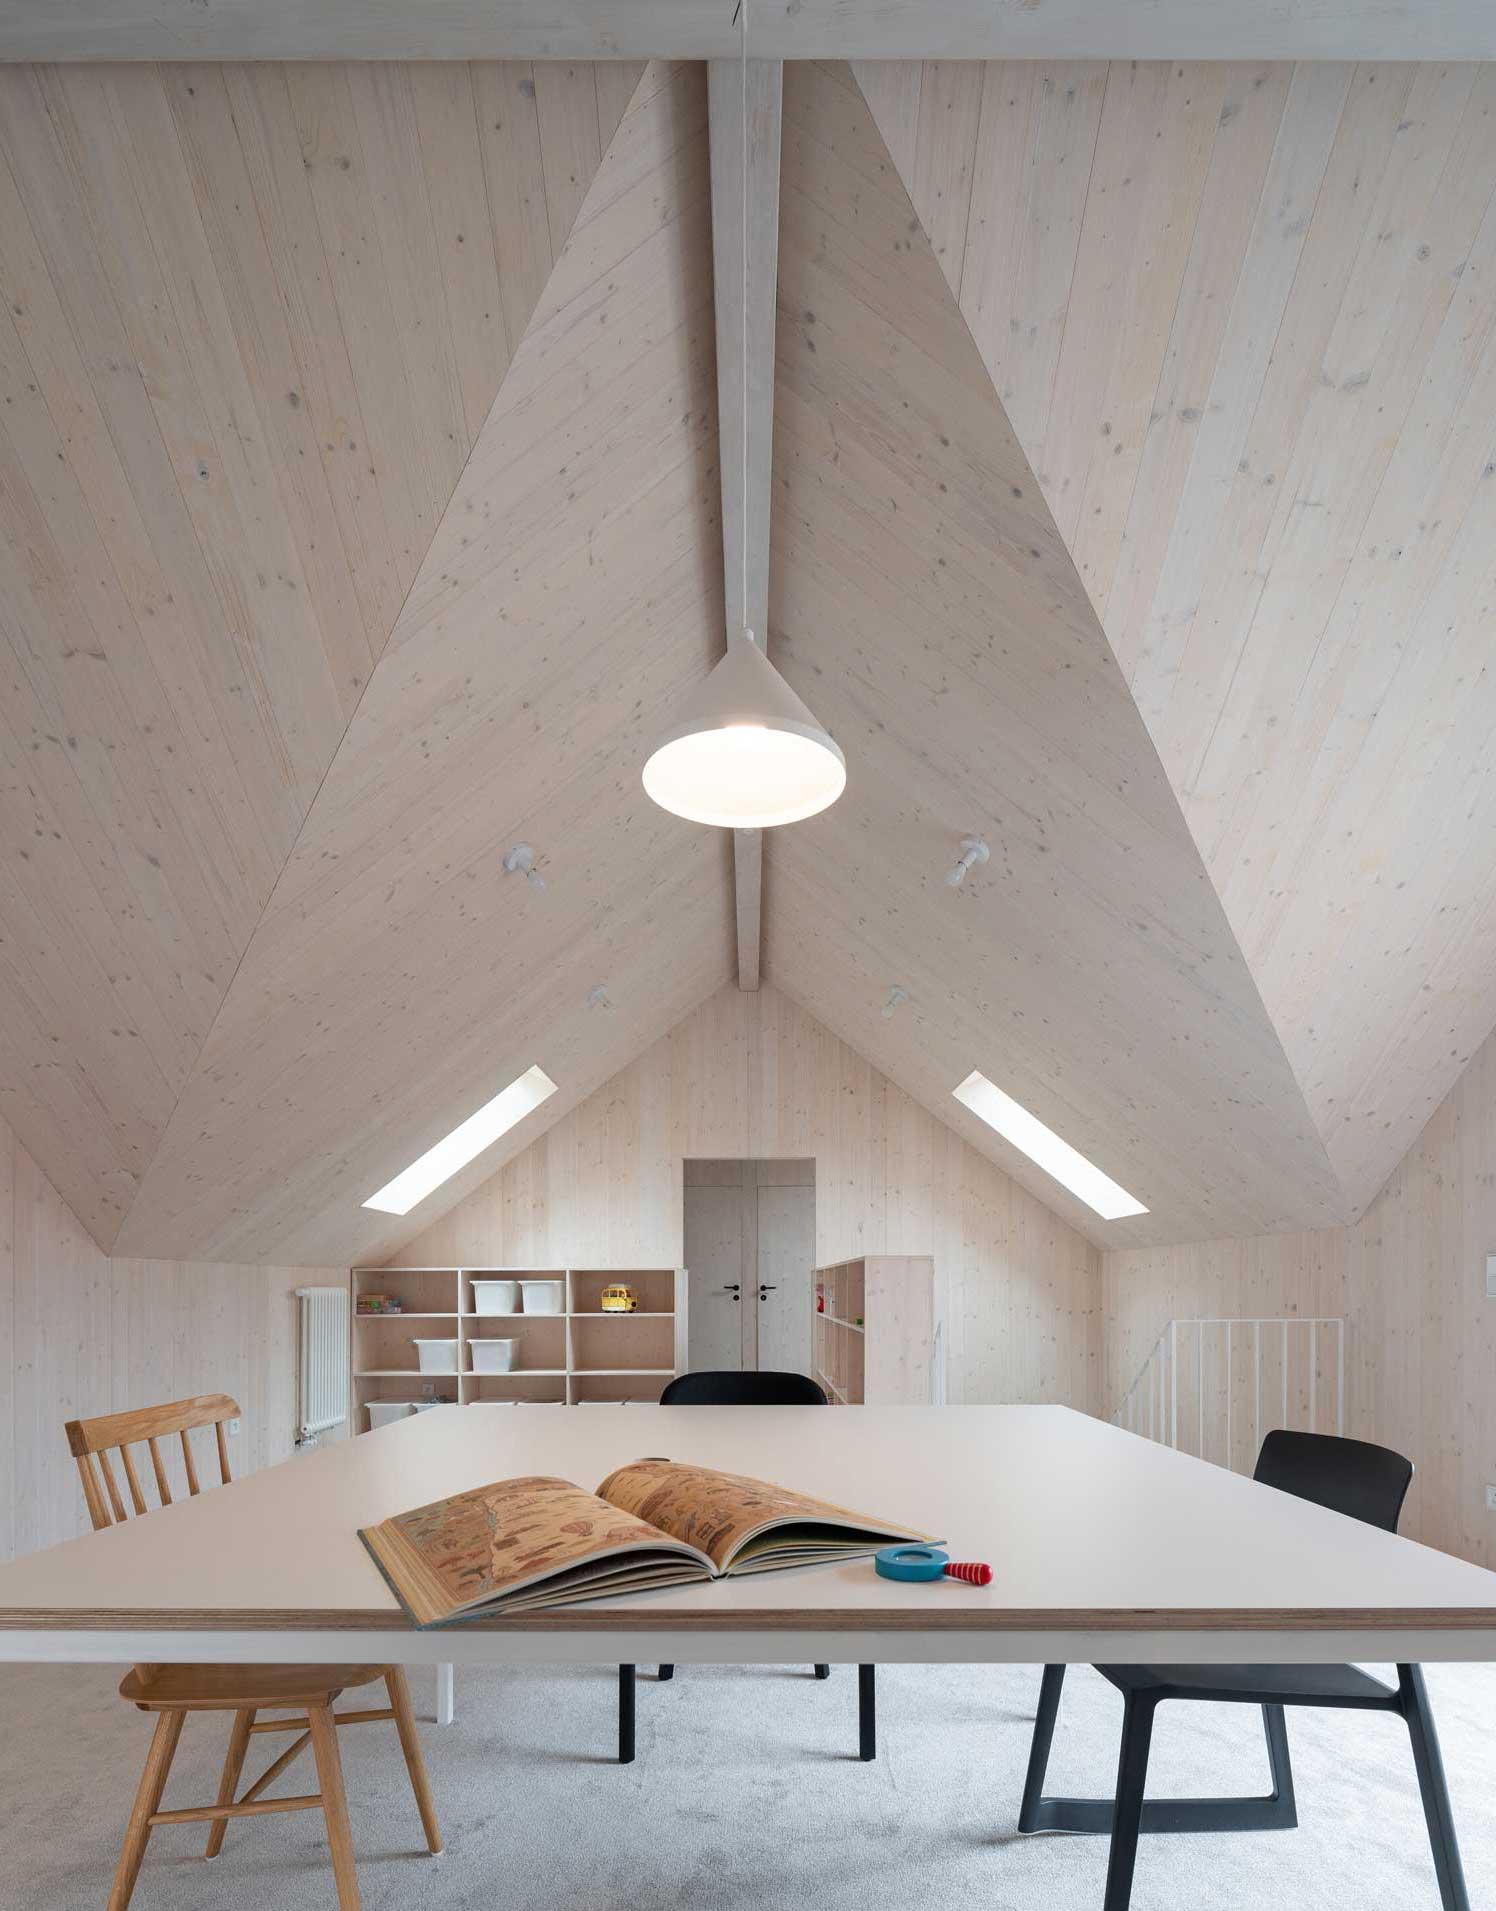 Umbau eines Hausensembles von Atelier 111 in Tschechien